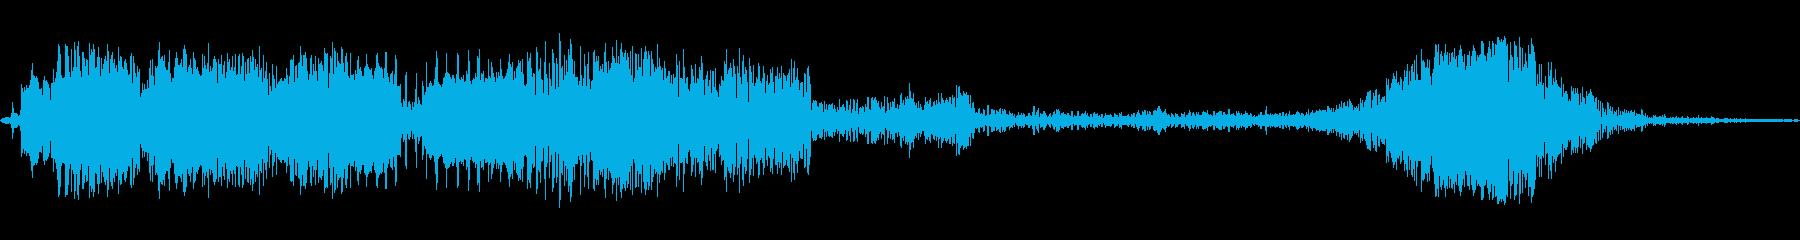 振動スワイプ2の再生済みの波形